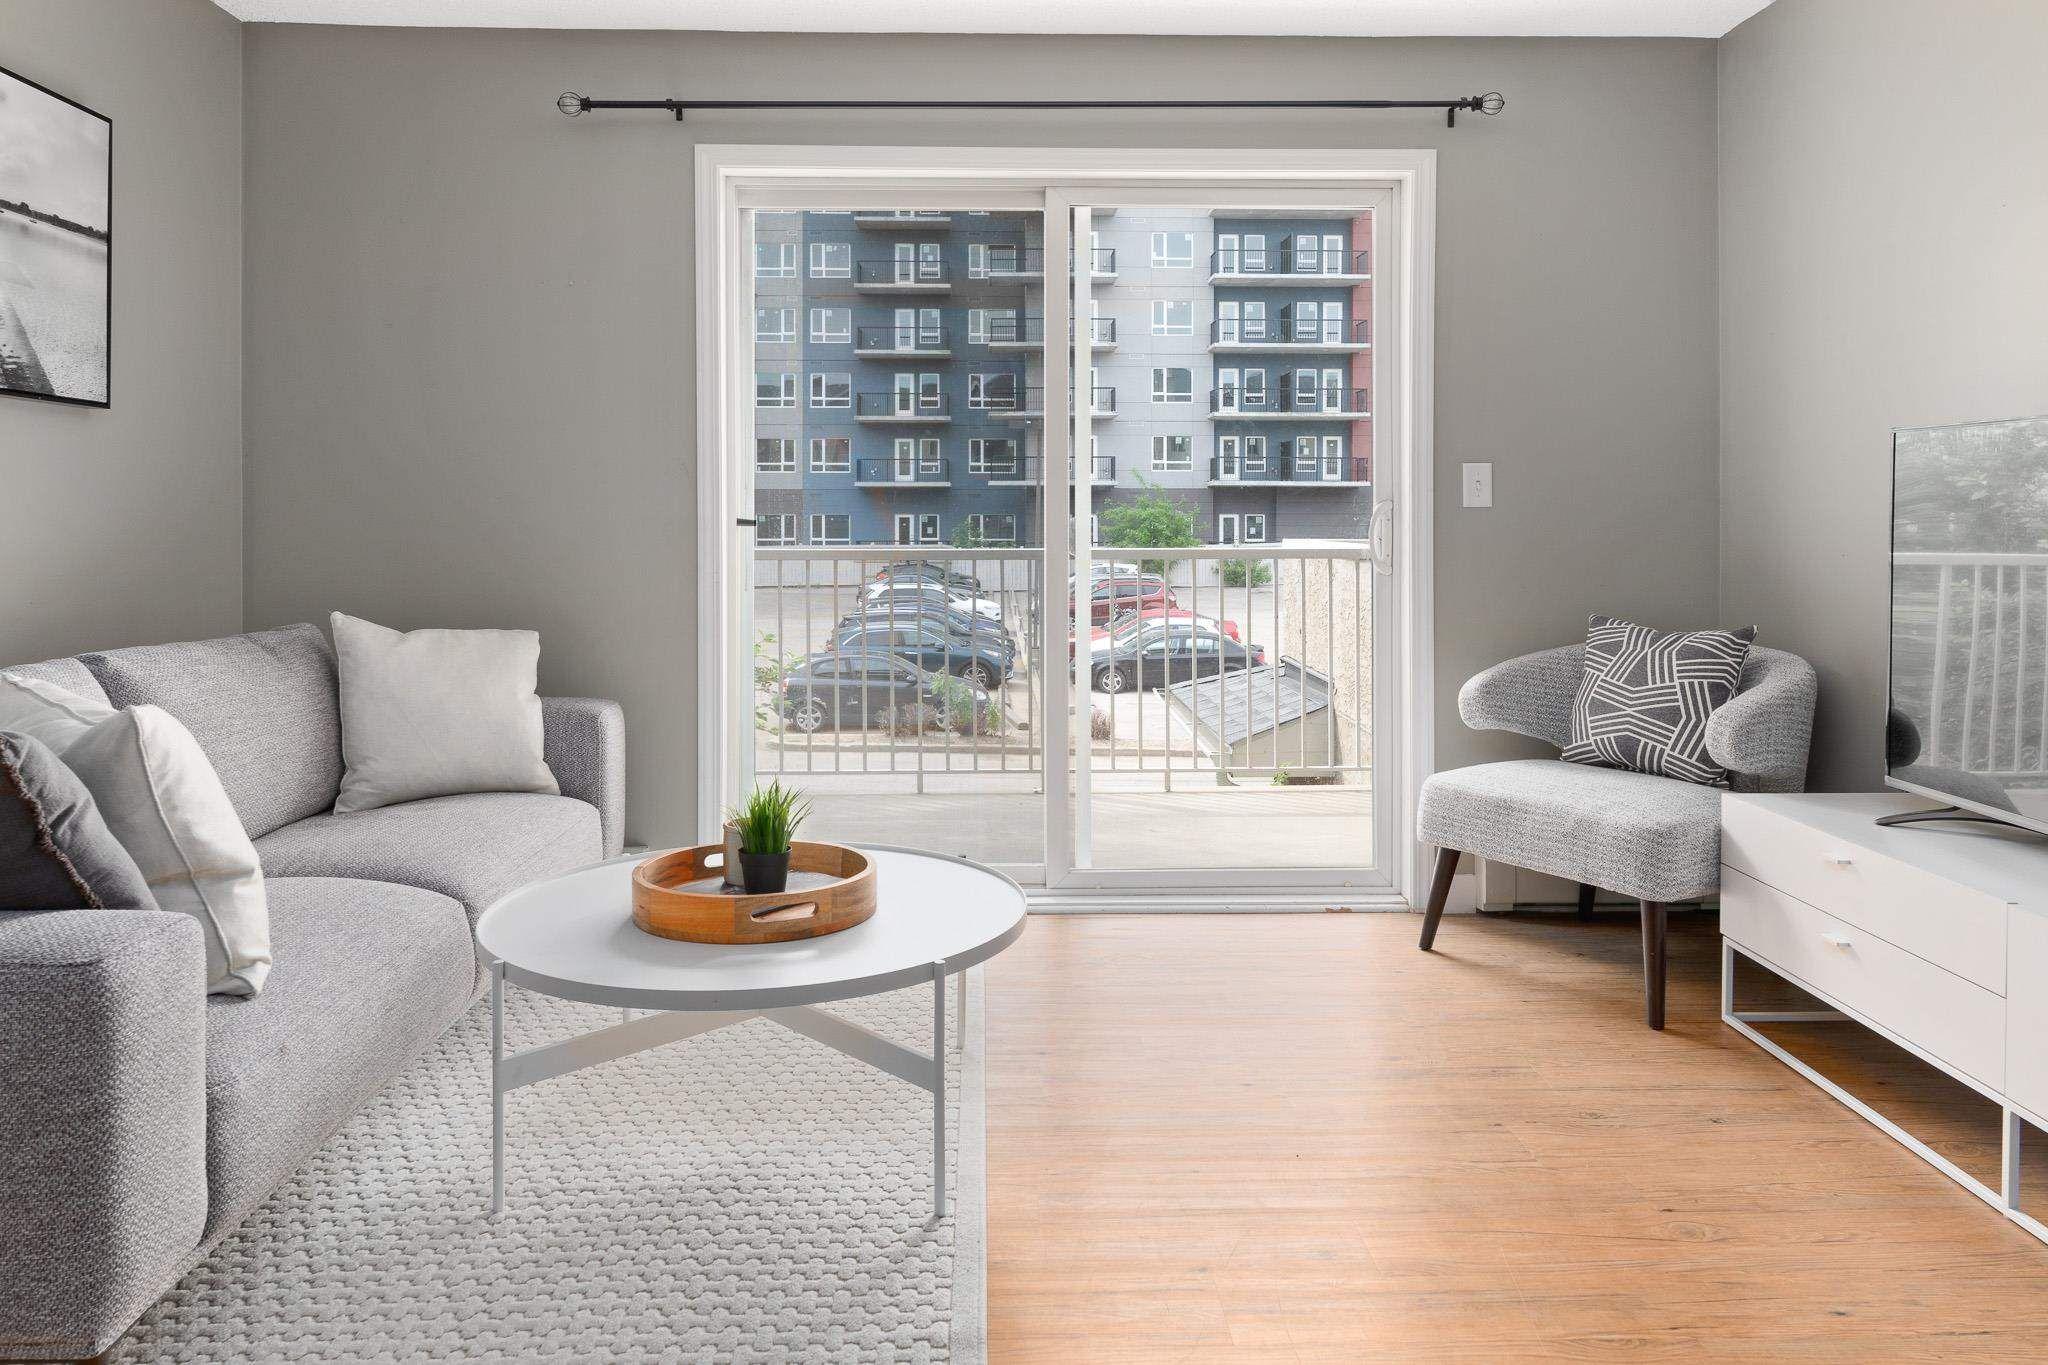 Main Photo: 233 10535 122 Street in Edmonton: Zone 07 Condo for sale : MLS®# E4258088